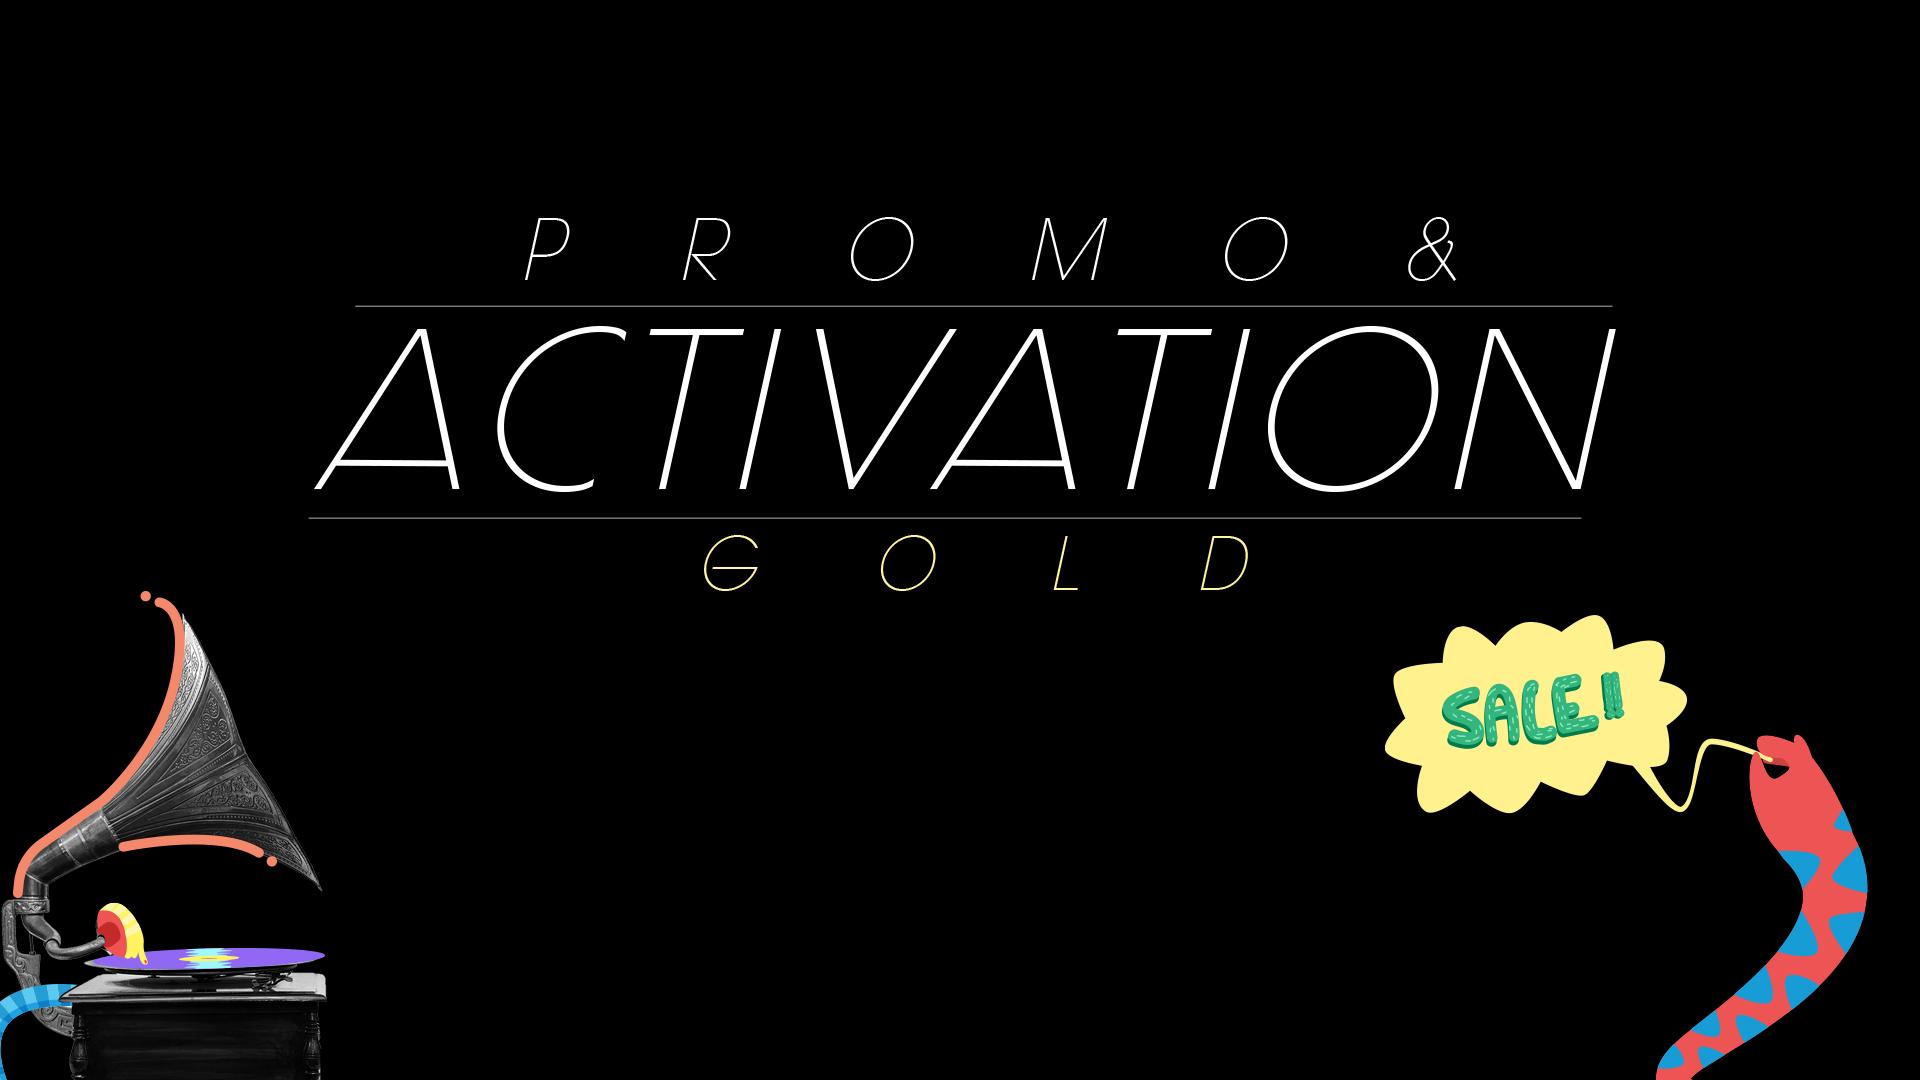 PLACAS PREMIOS-promo activation-GOLD.png